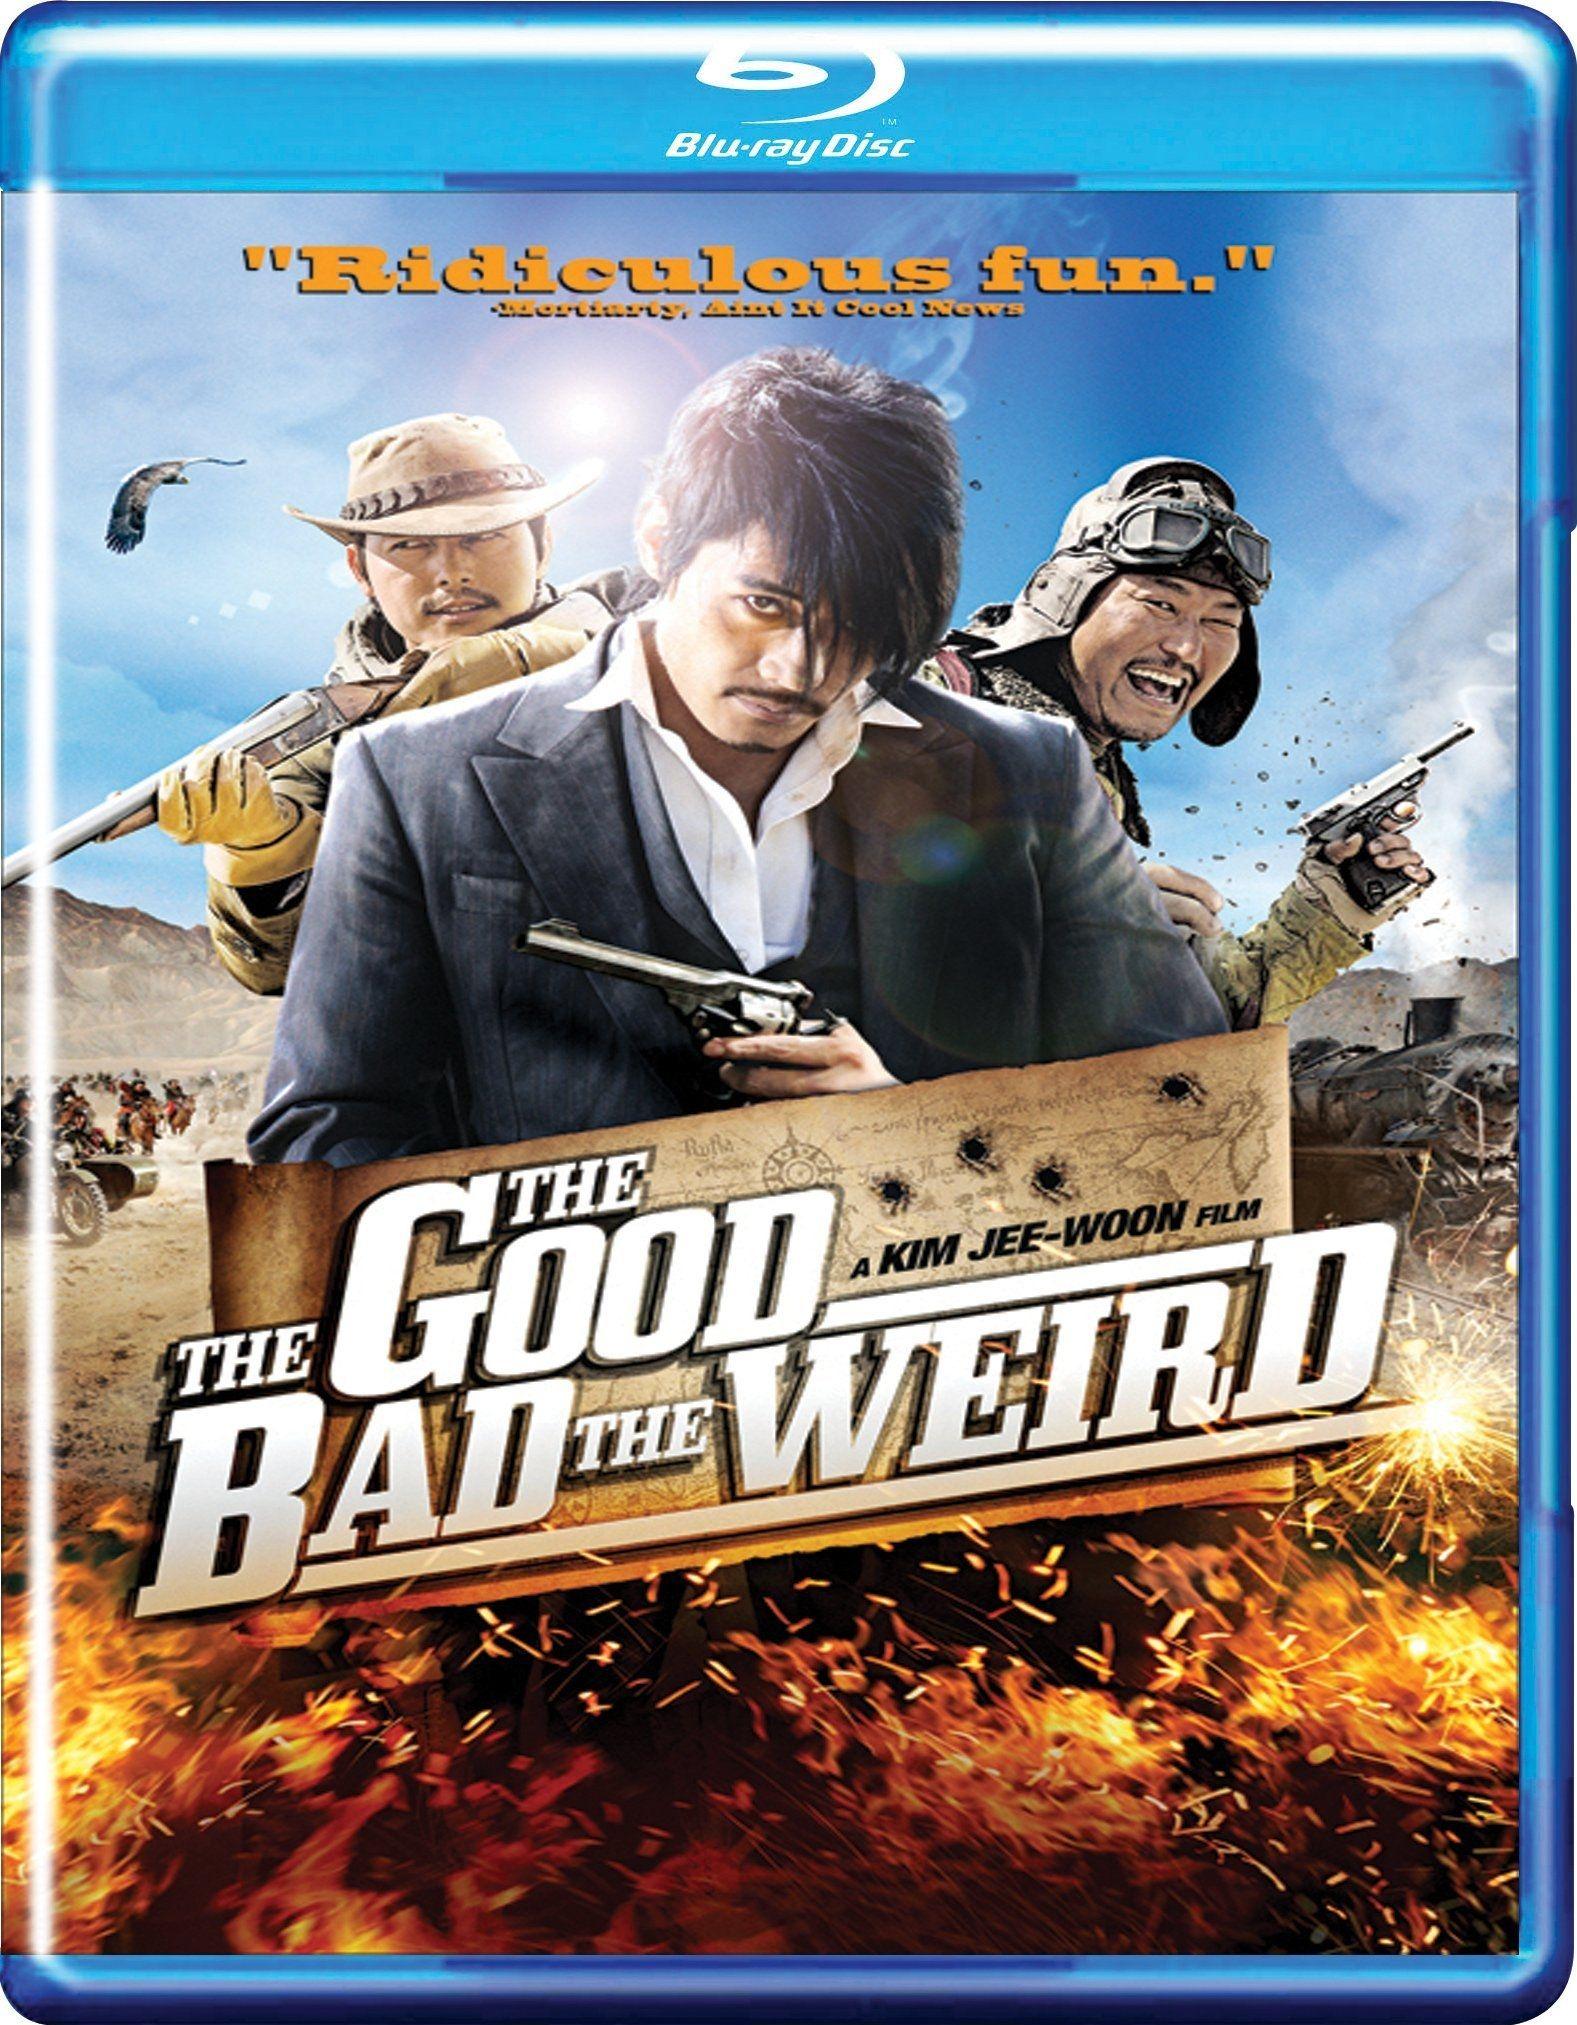 """The Good, the Bad, the Weird (2008) """"Joheunnom nabbeunnom"""